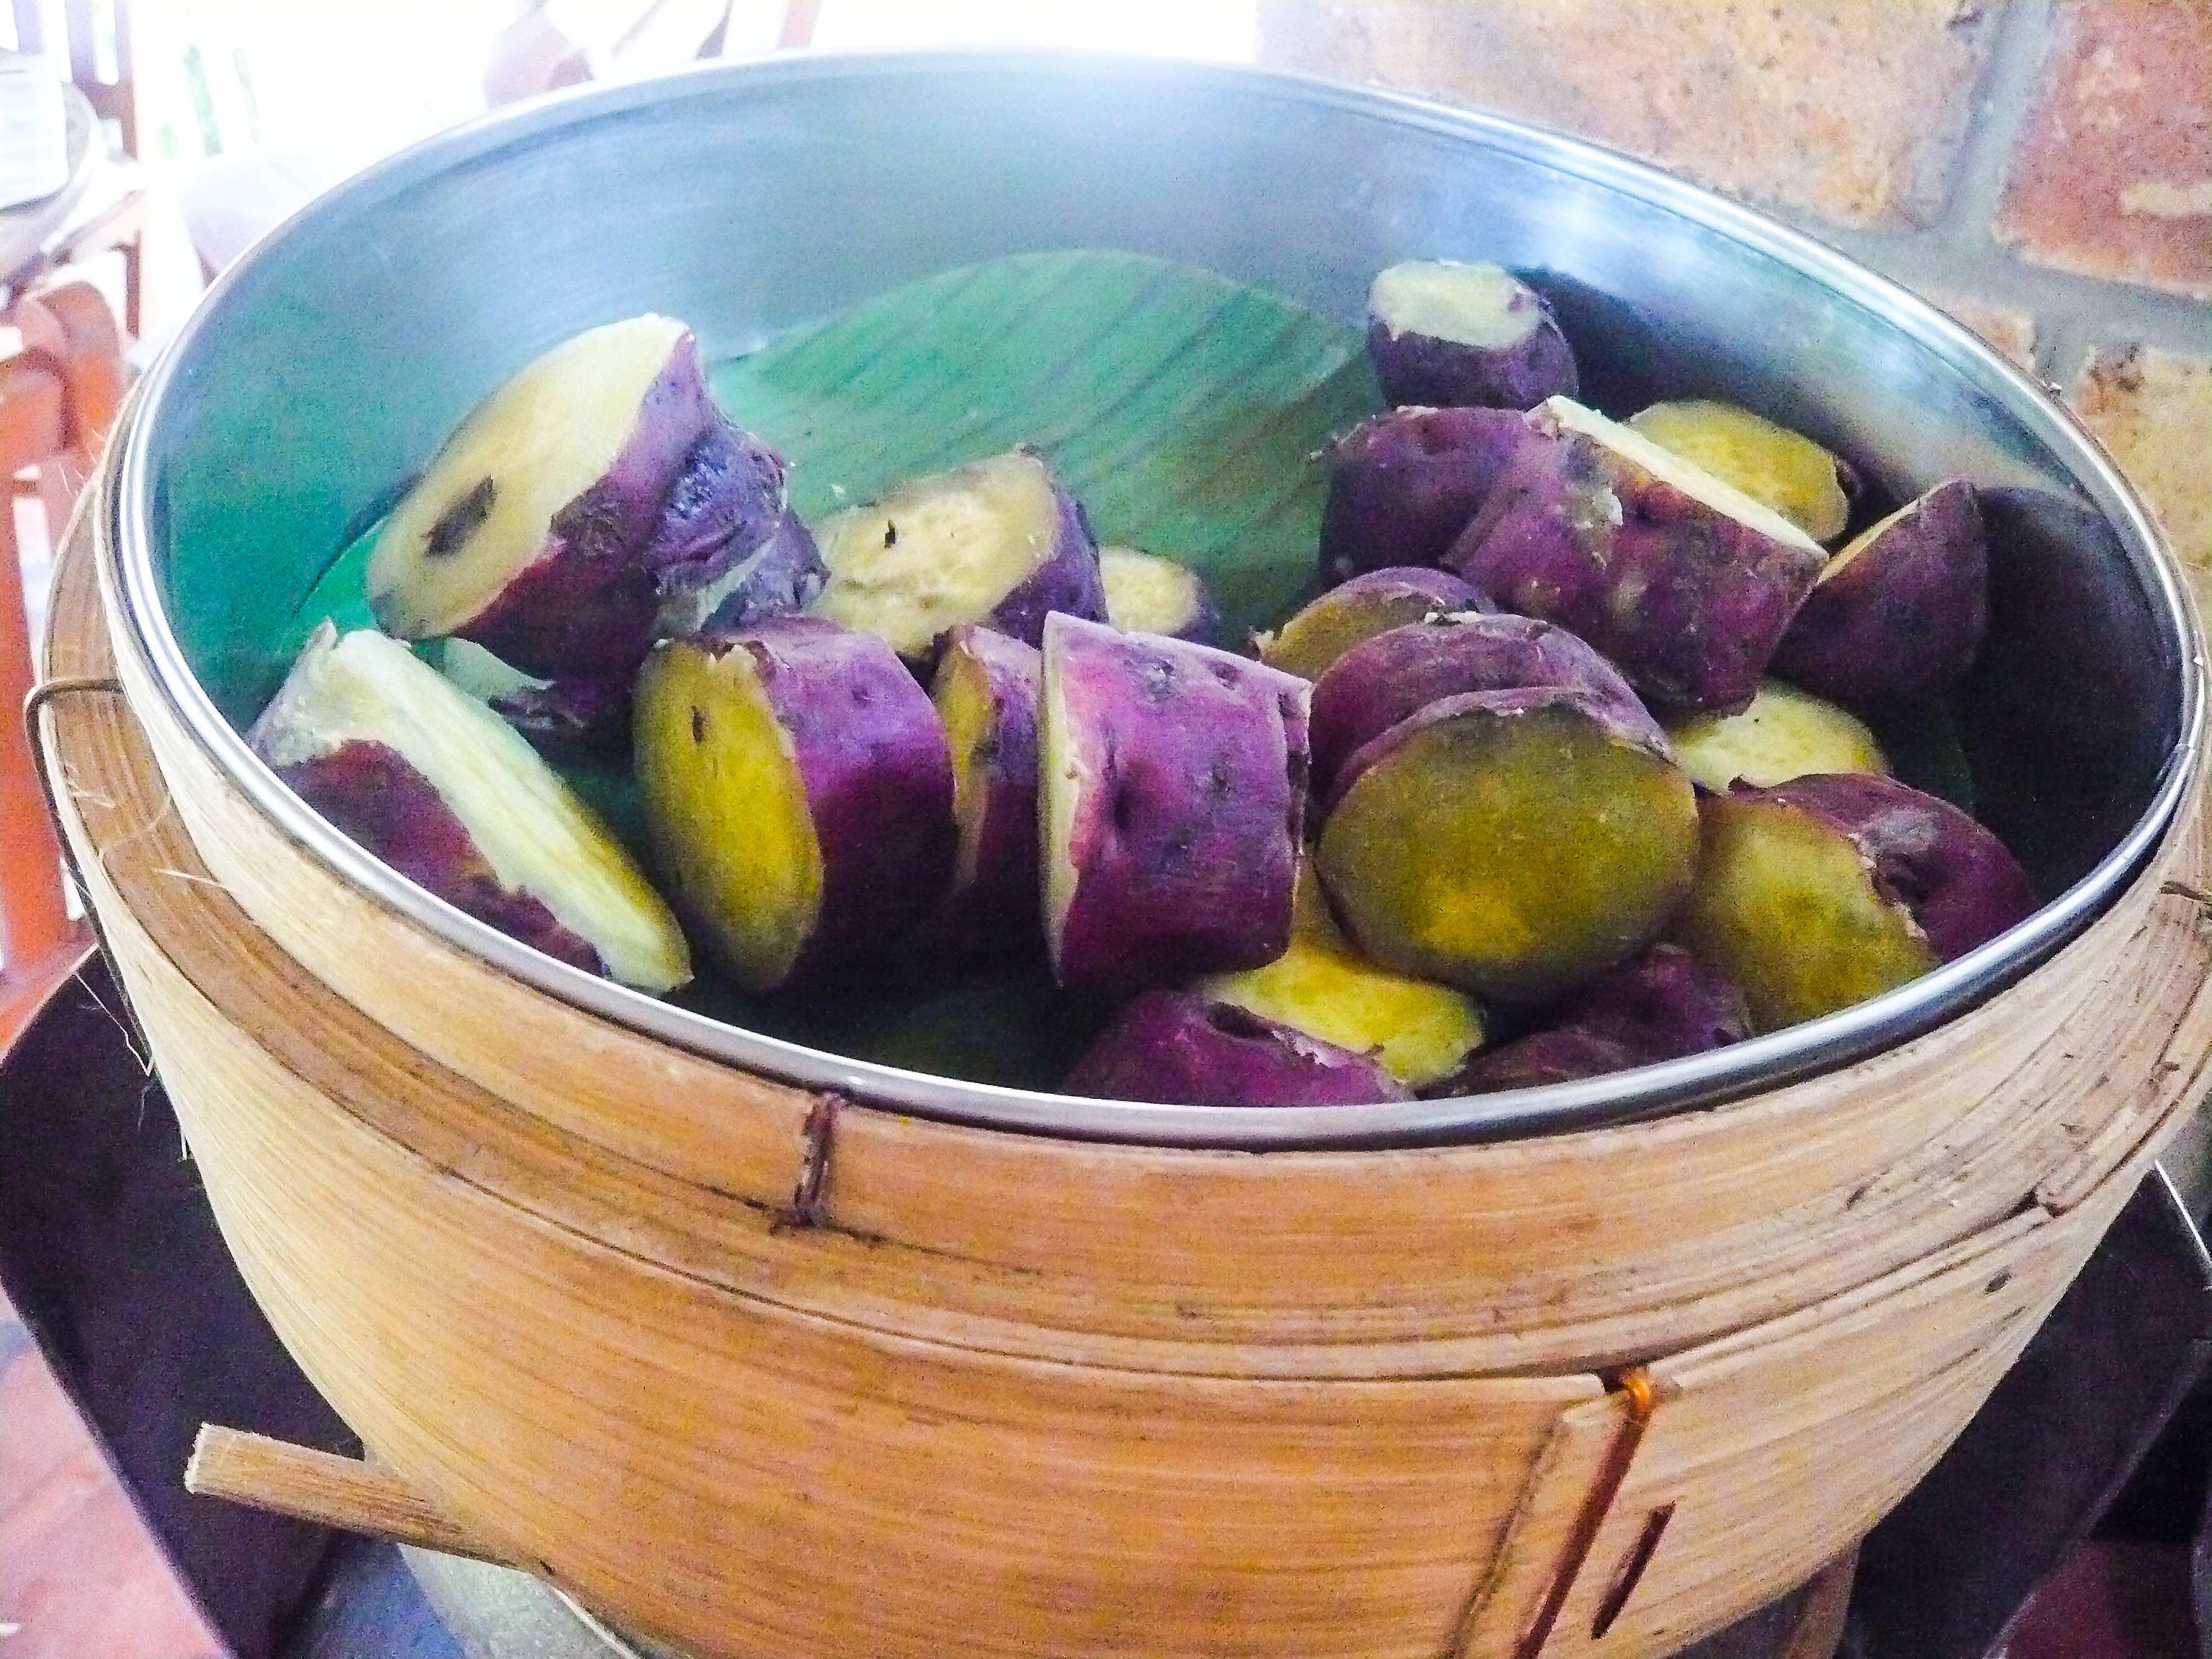 Khoai lang hấp (boiled sweet potatoes)